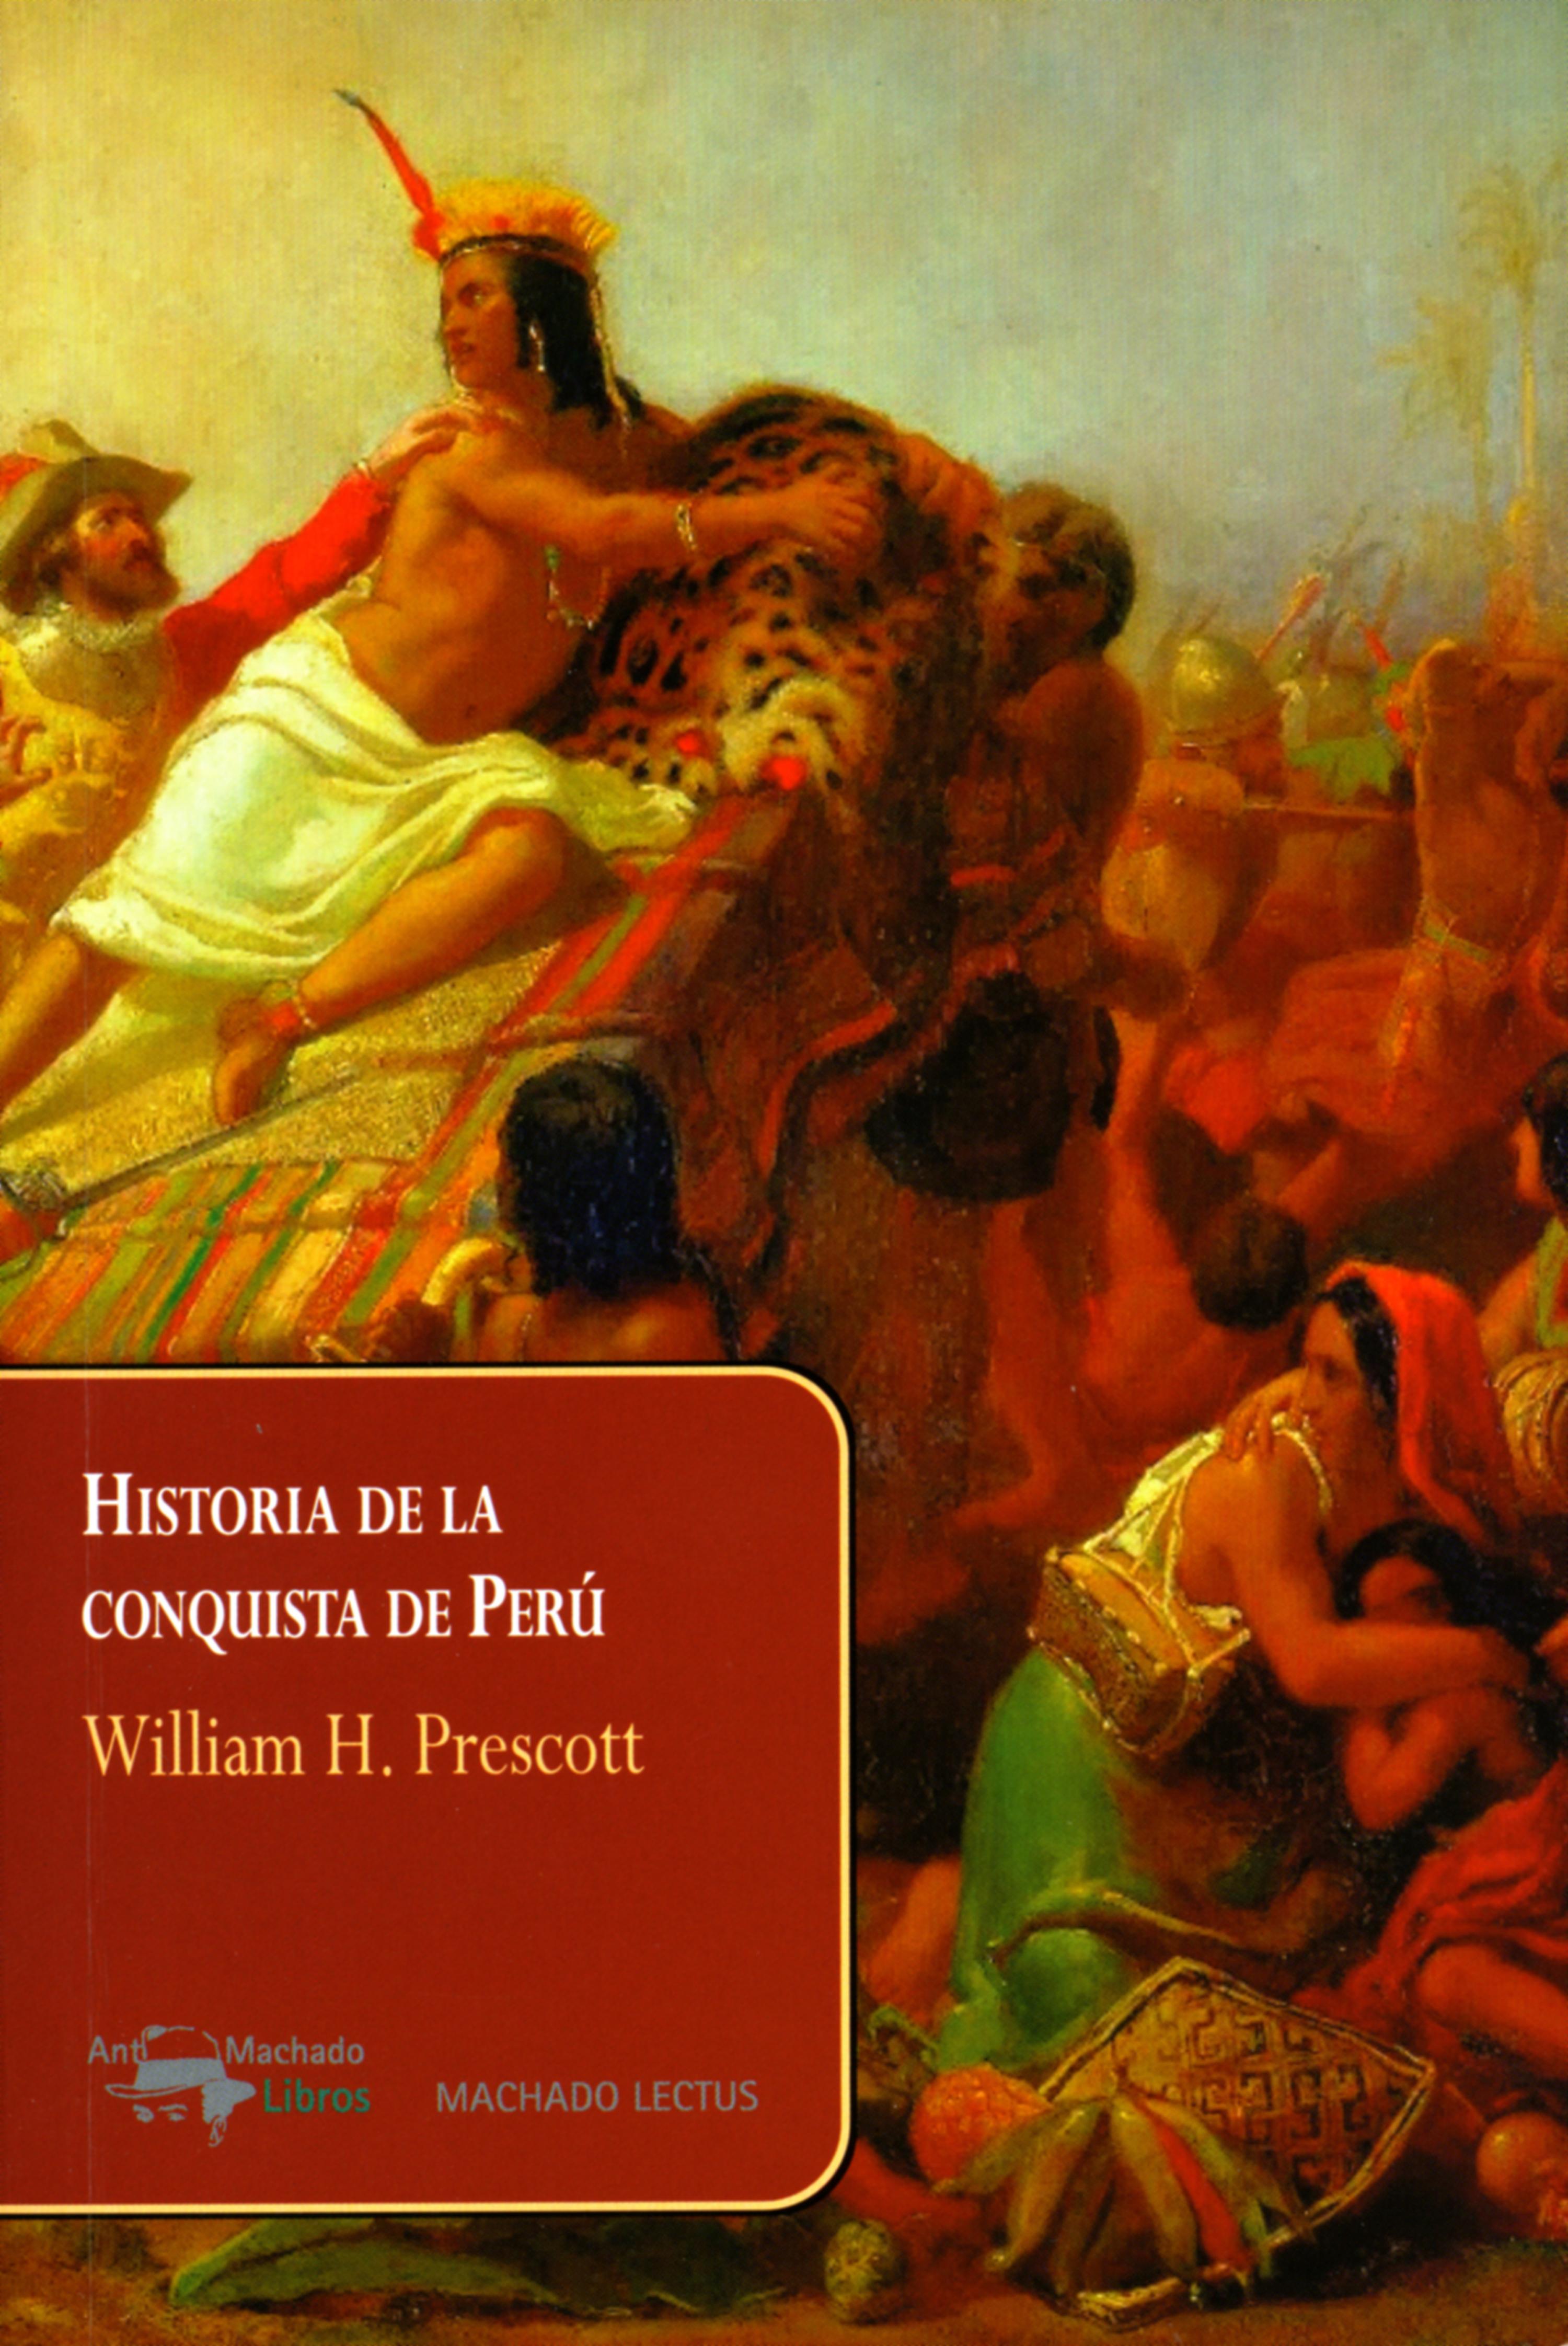 William H. Prescott Historia de la conquista de Perú